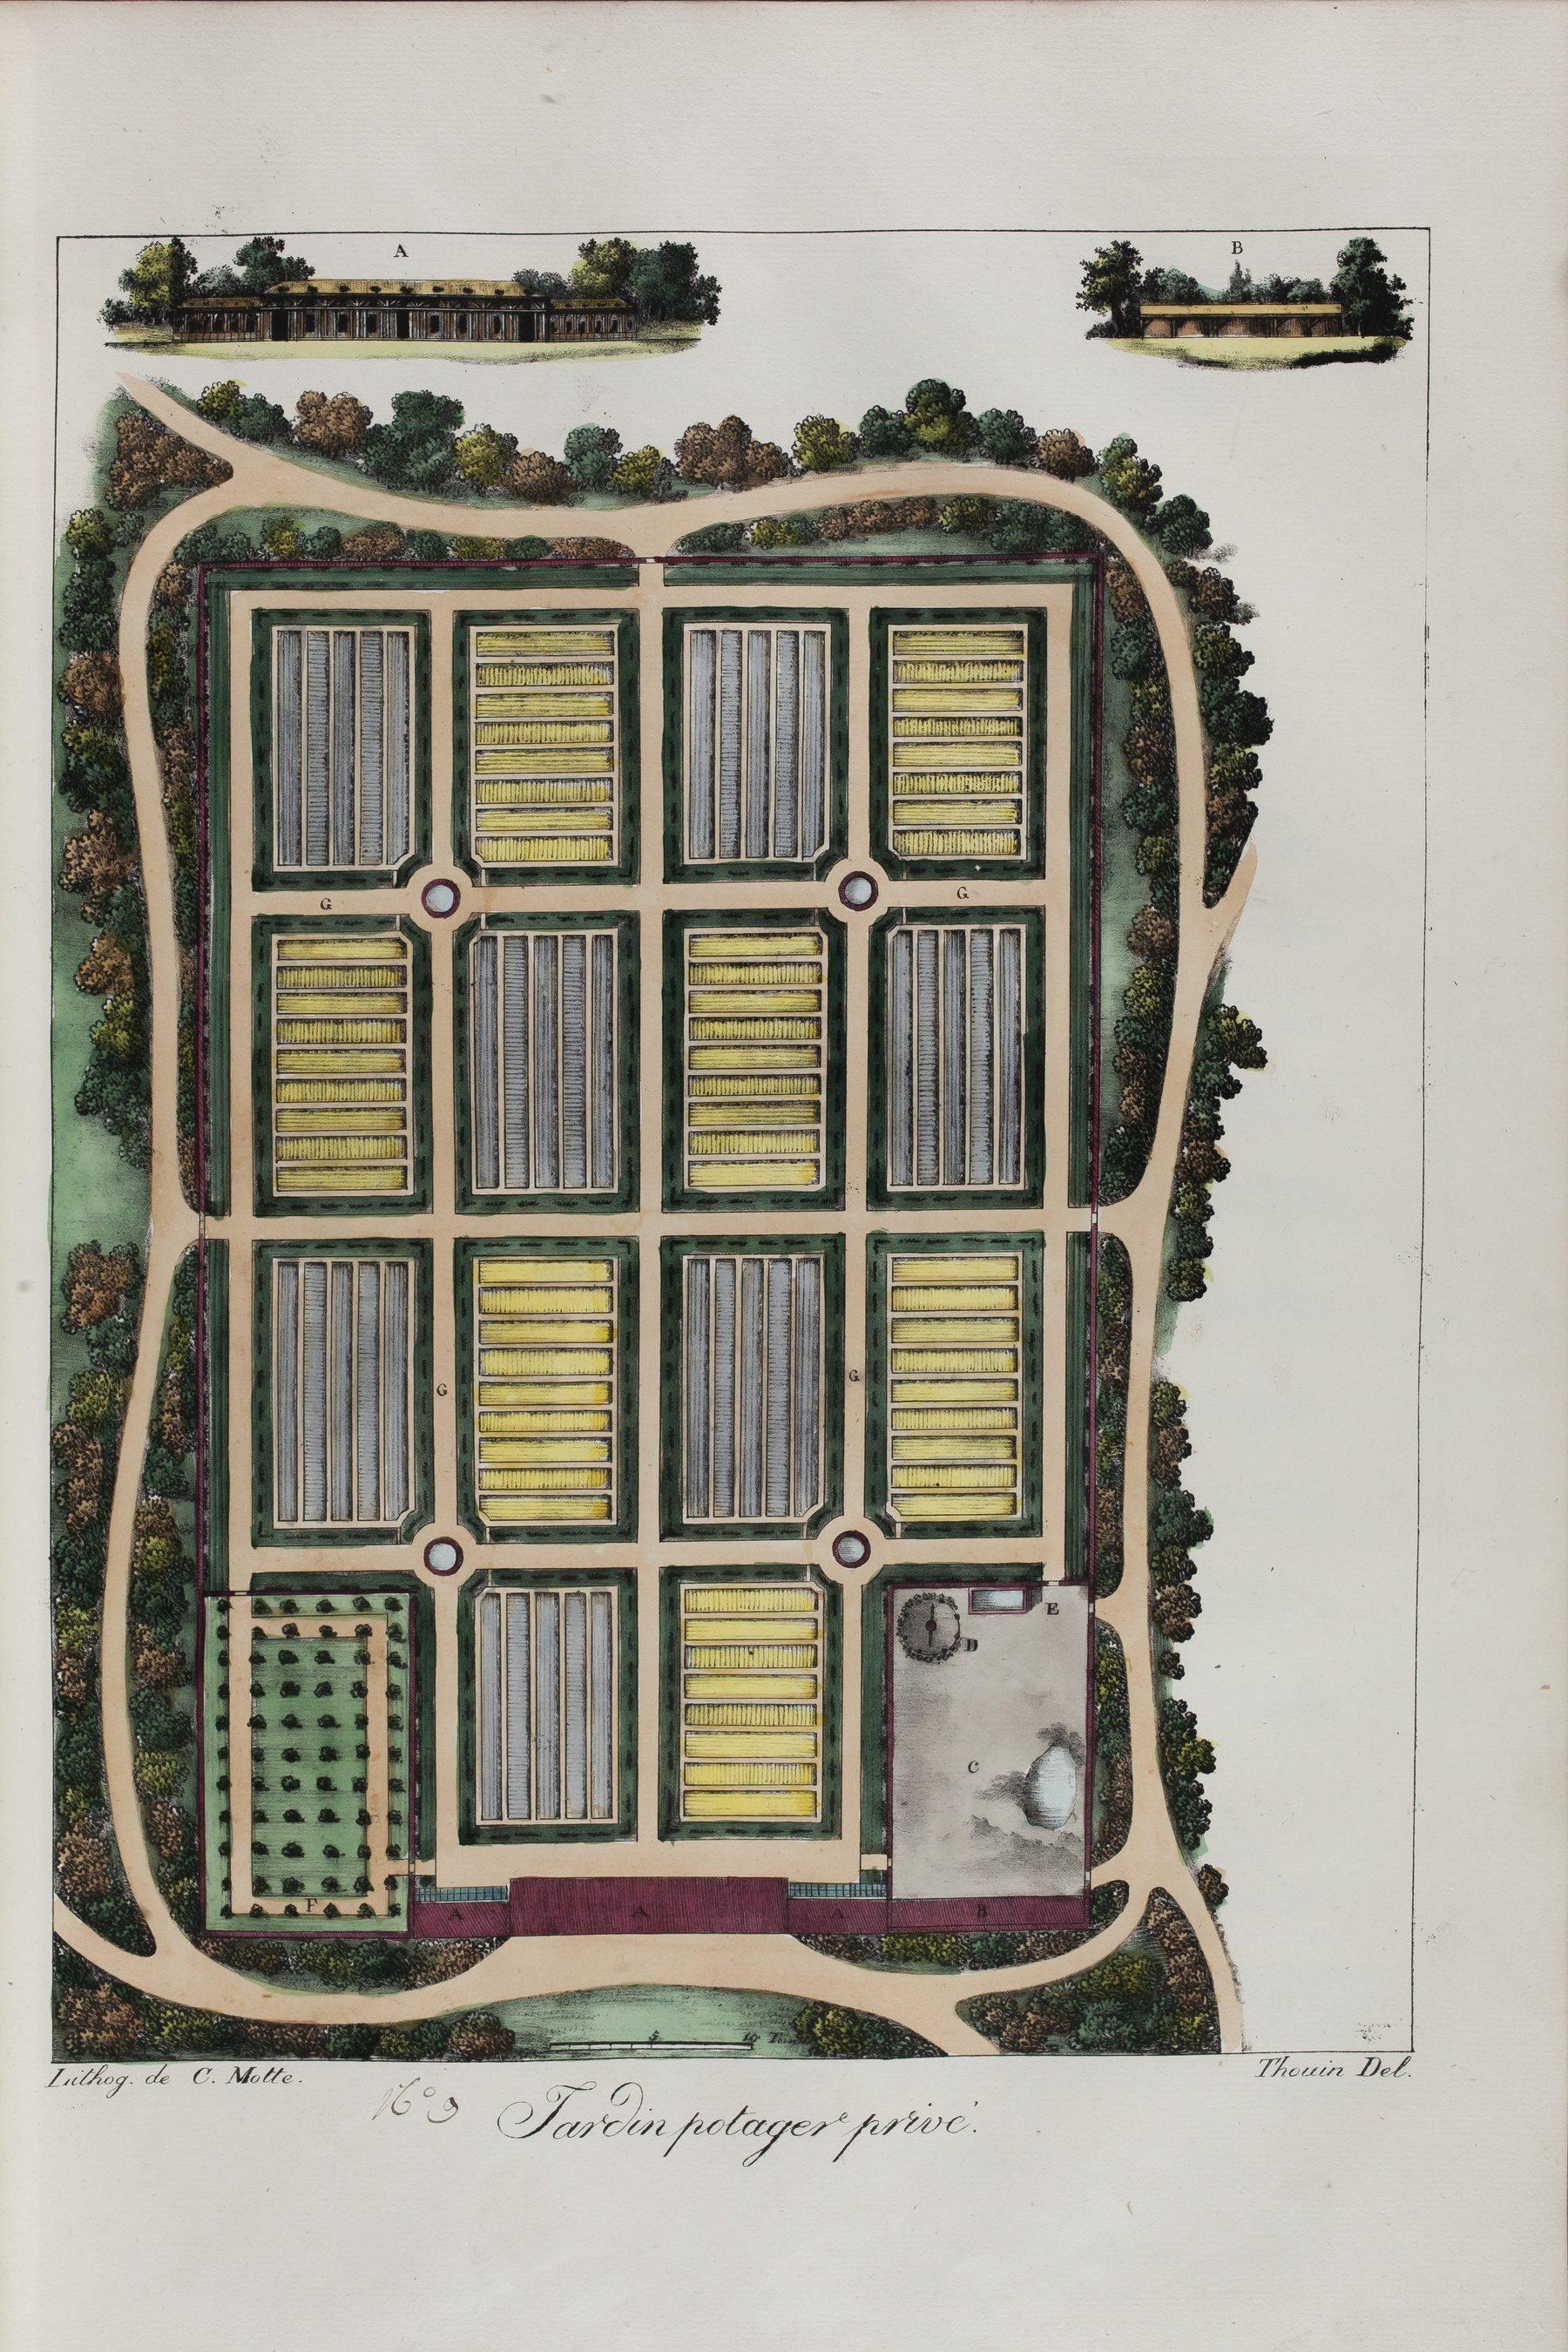 Contenu du Jardin potager privé